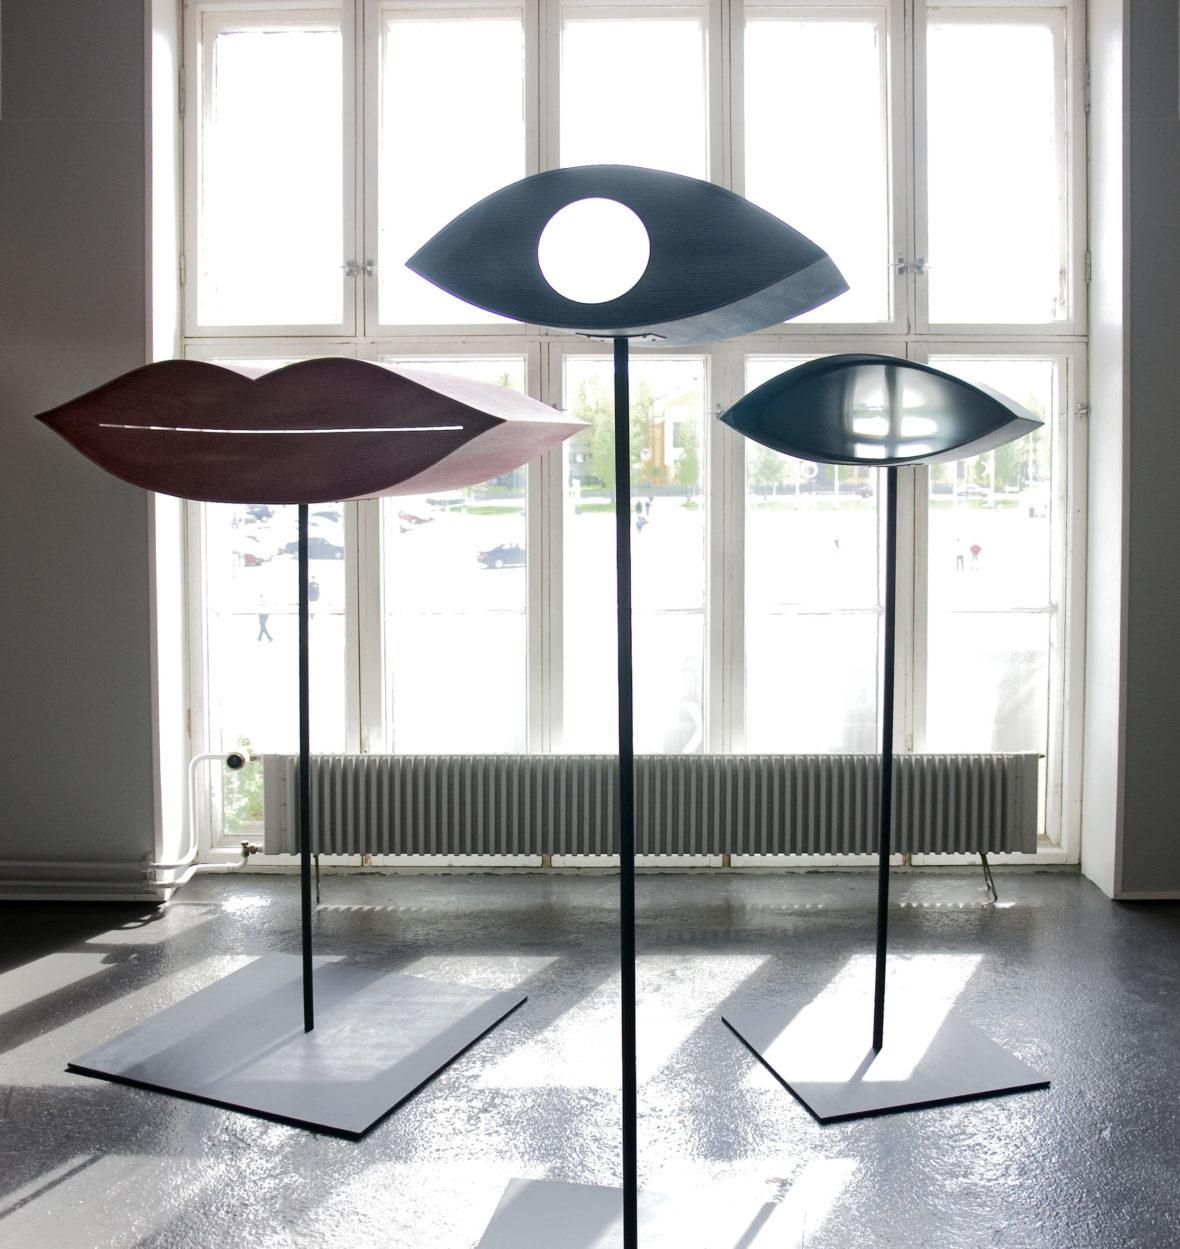 Camera obscura / Silmät ja suu, 2006